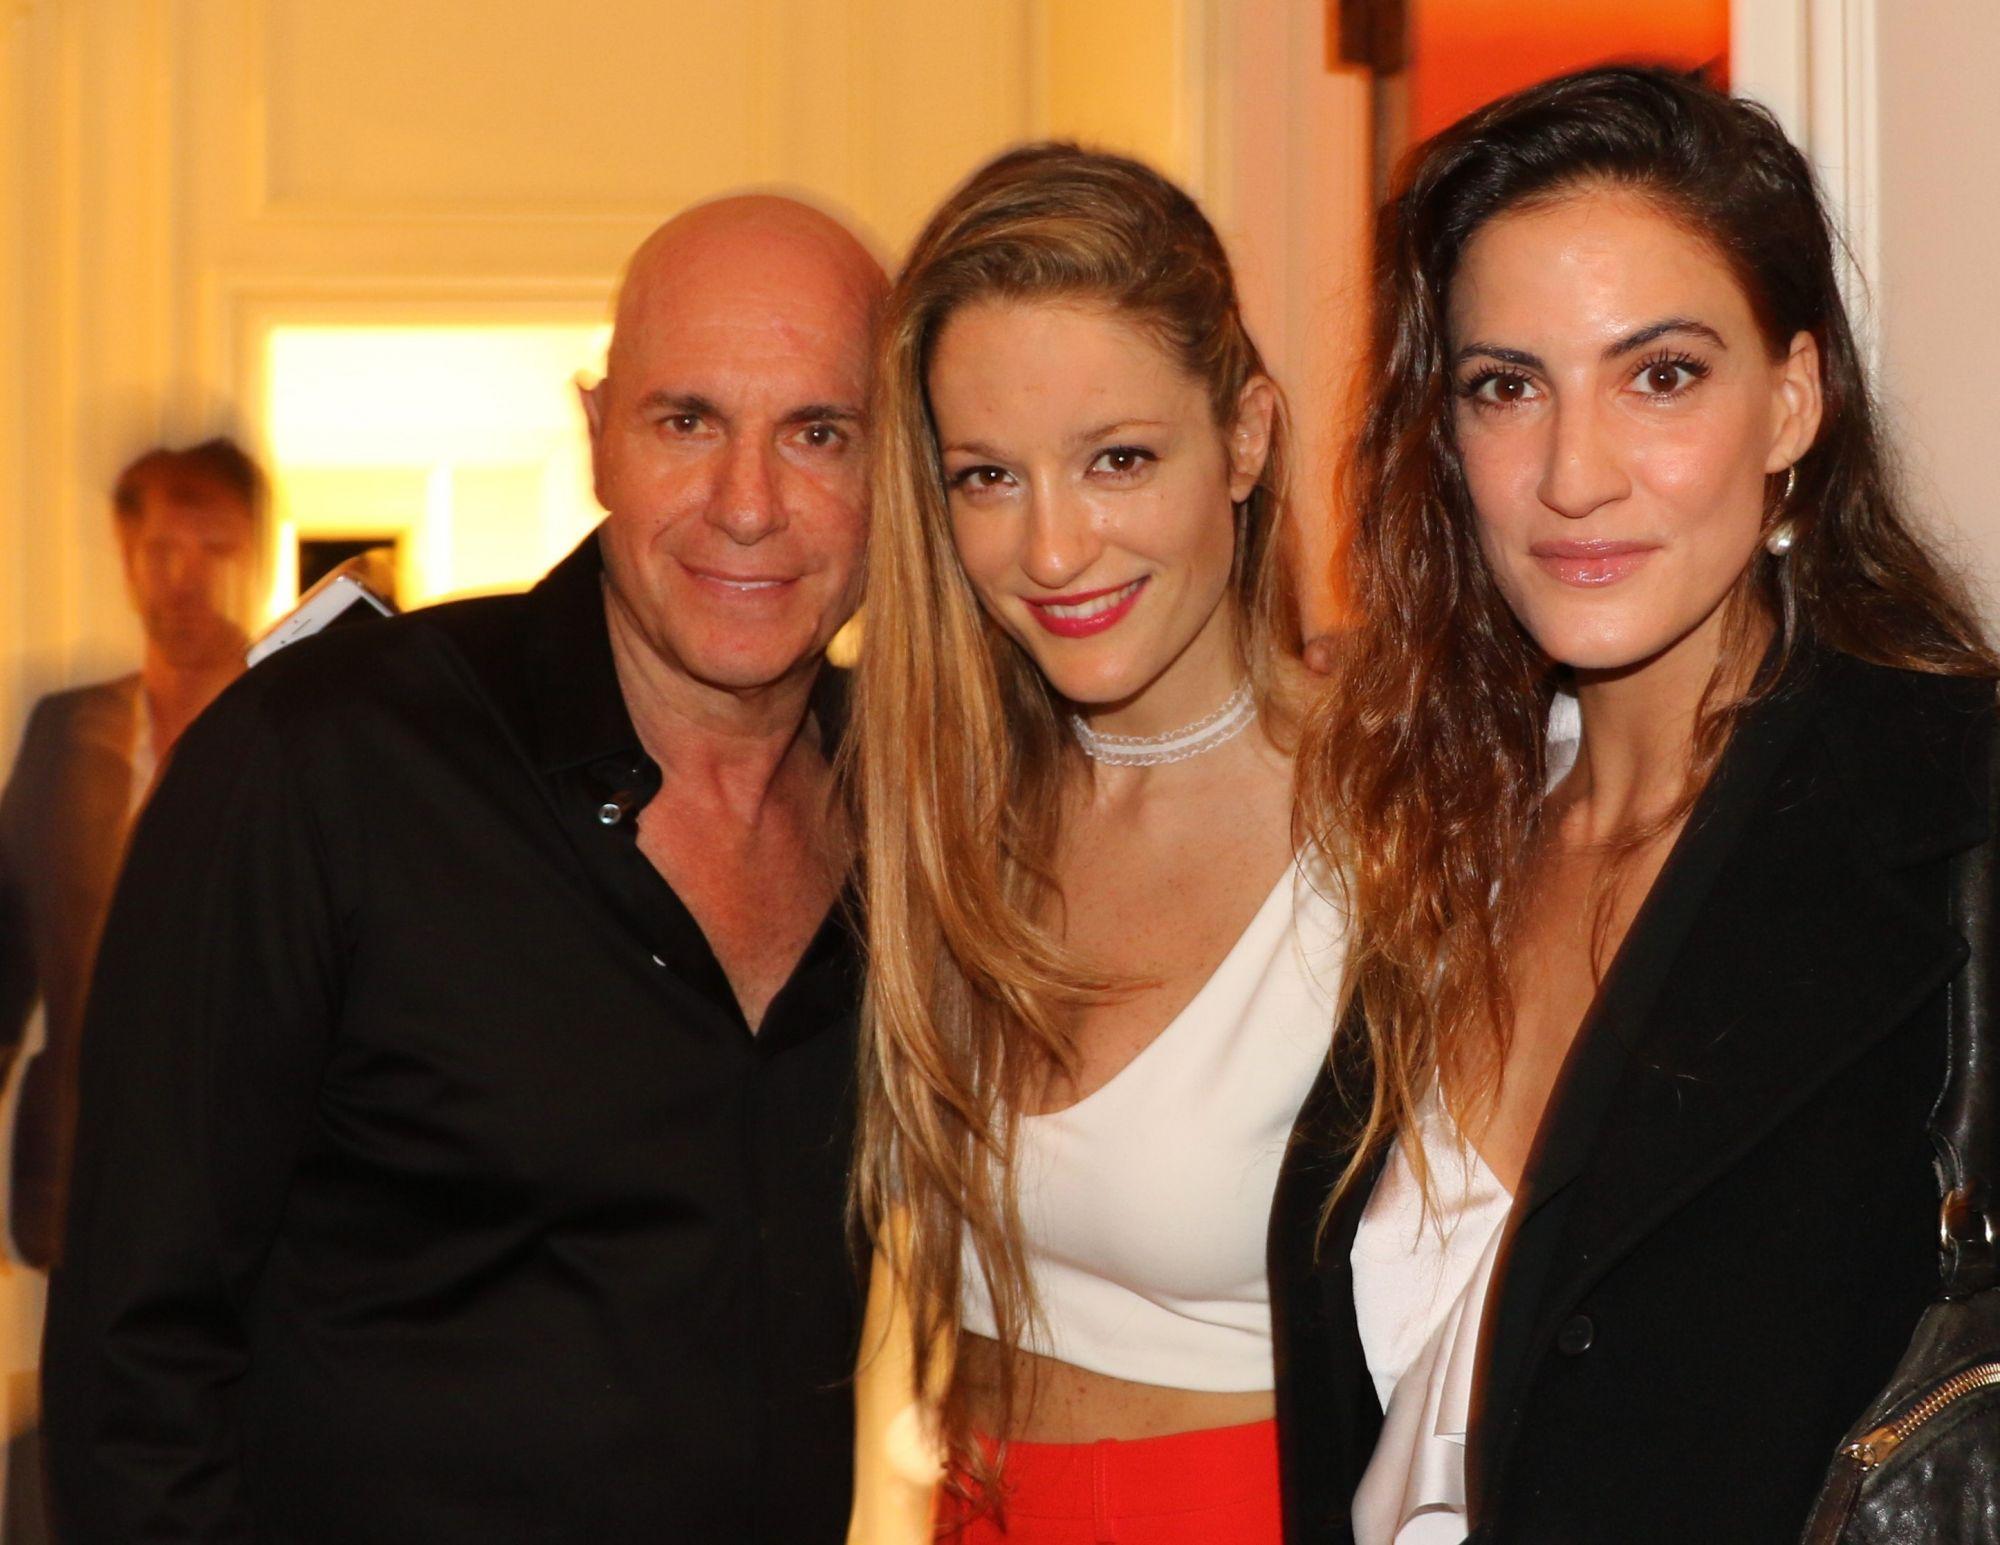 עם רונה לי אהובתי וארי קרו, גם אהוב, חבר טוב וזה שאירח את האירוע בביתו ISWMP